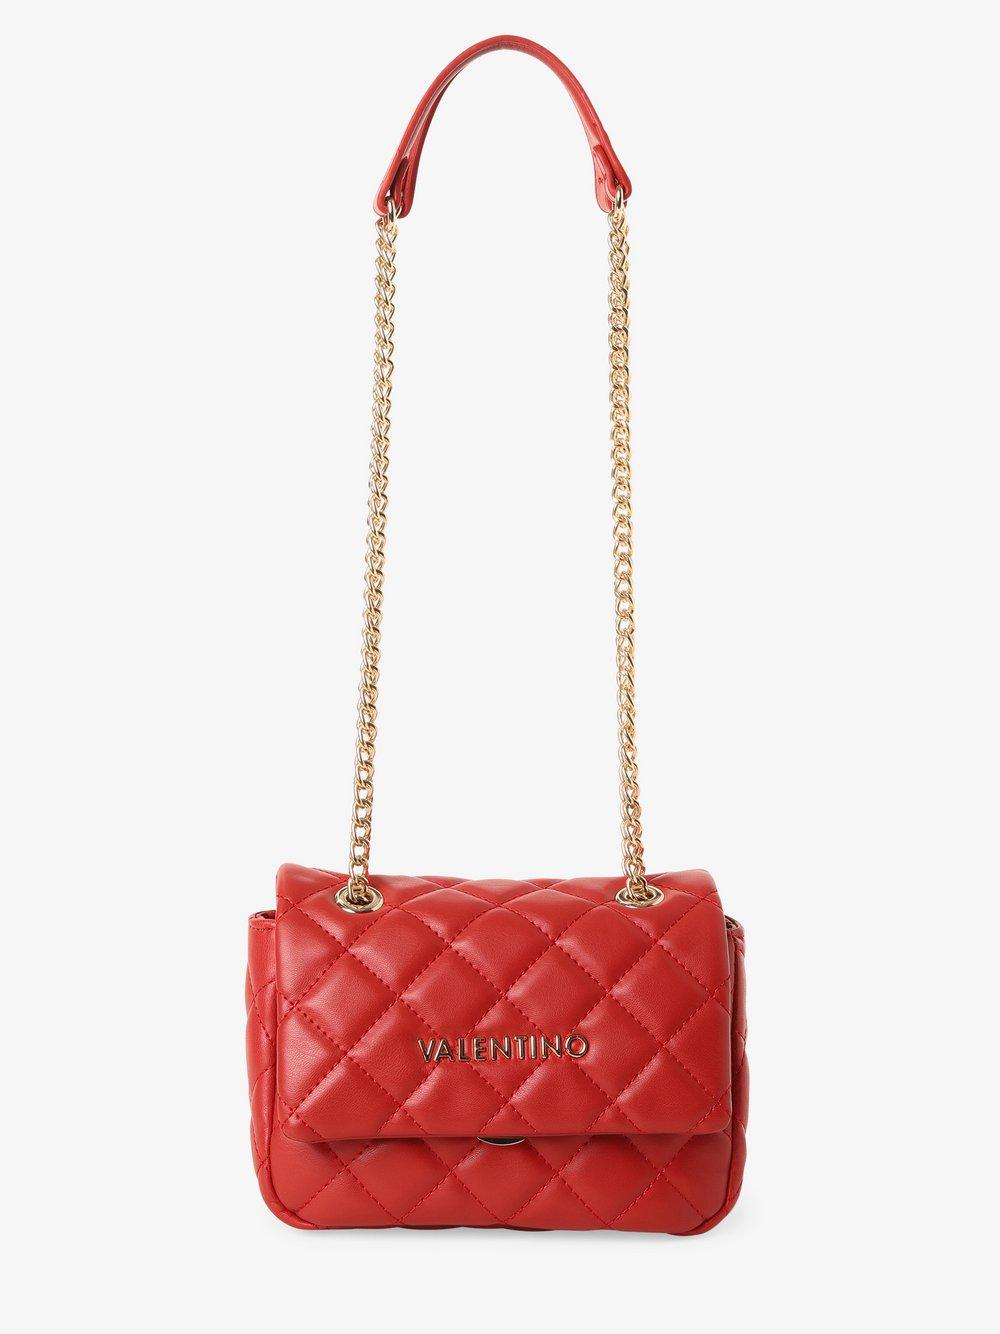 VALENTINO HANDBAGS – Damska torebka na ramię – Ocarina, czerwony Van Graaf 465386-0002